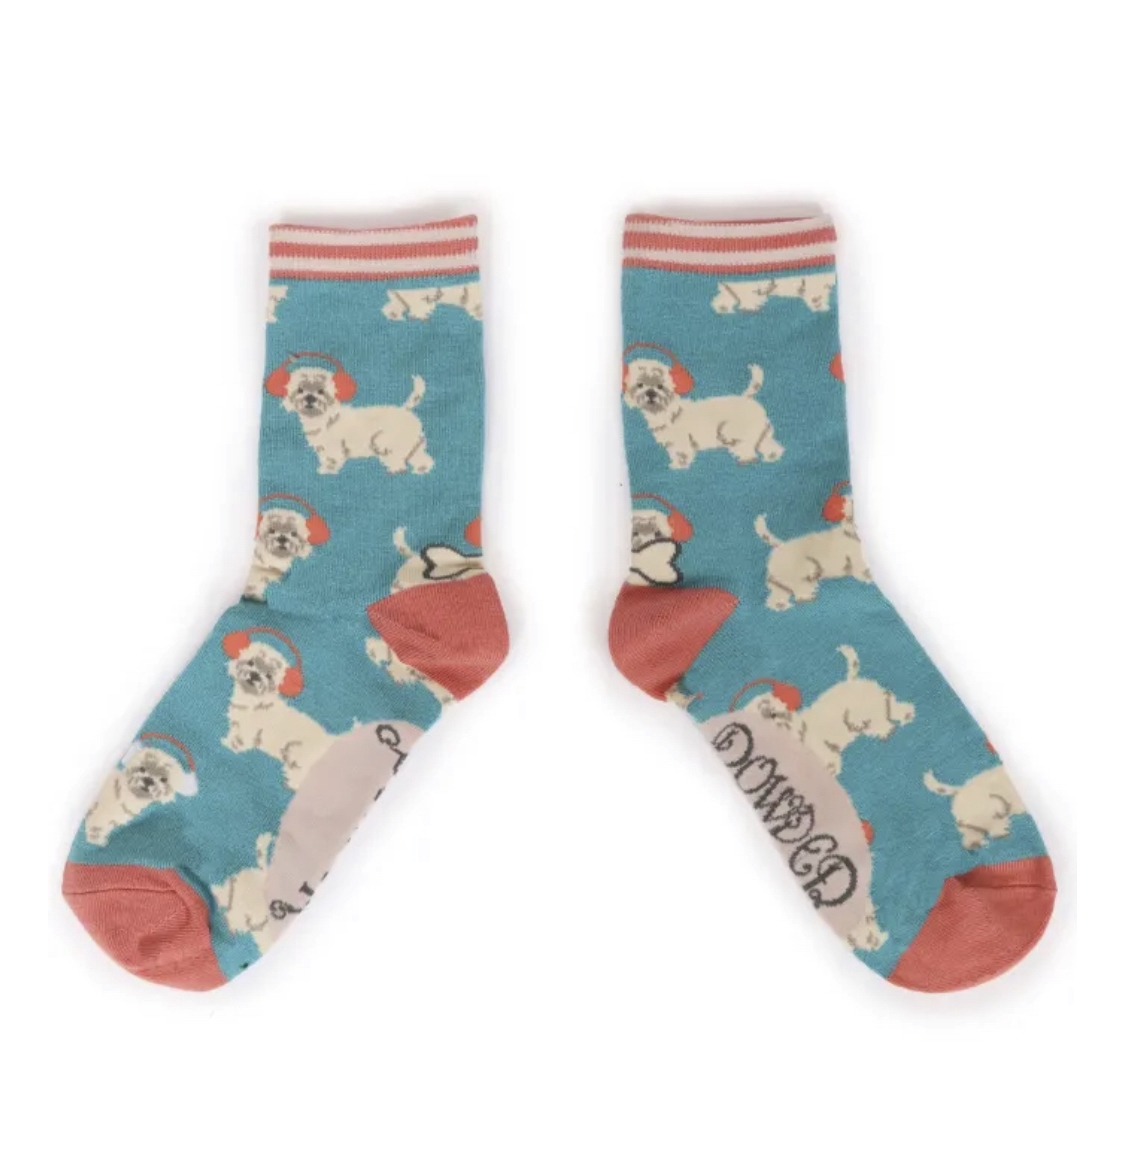 Powder Ankle Socks - Westie in Earmuffs